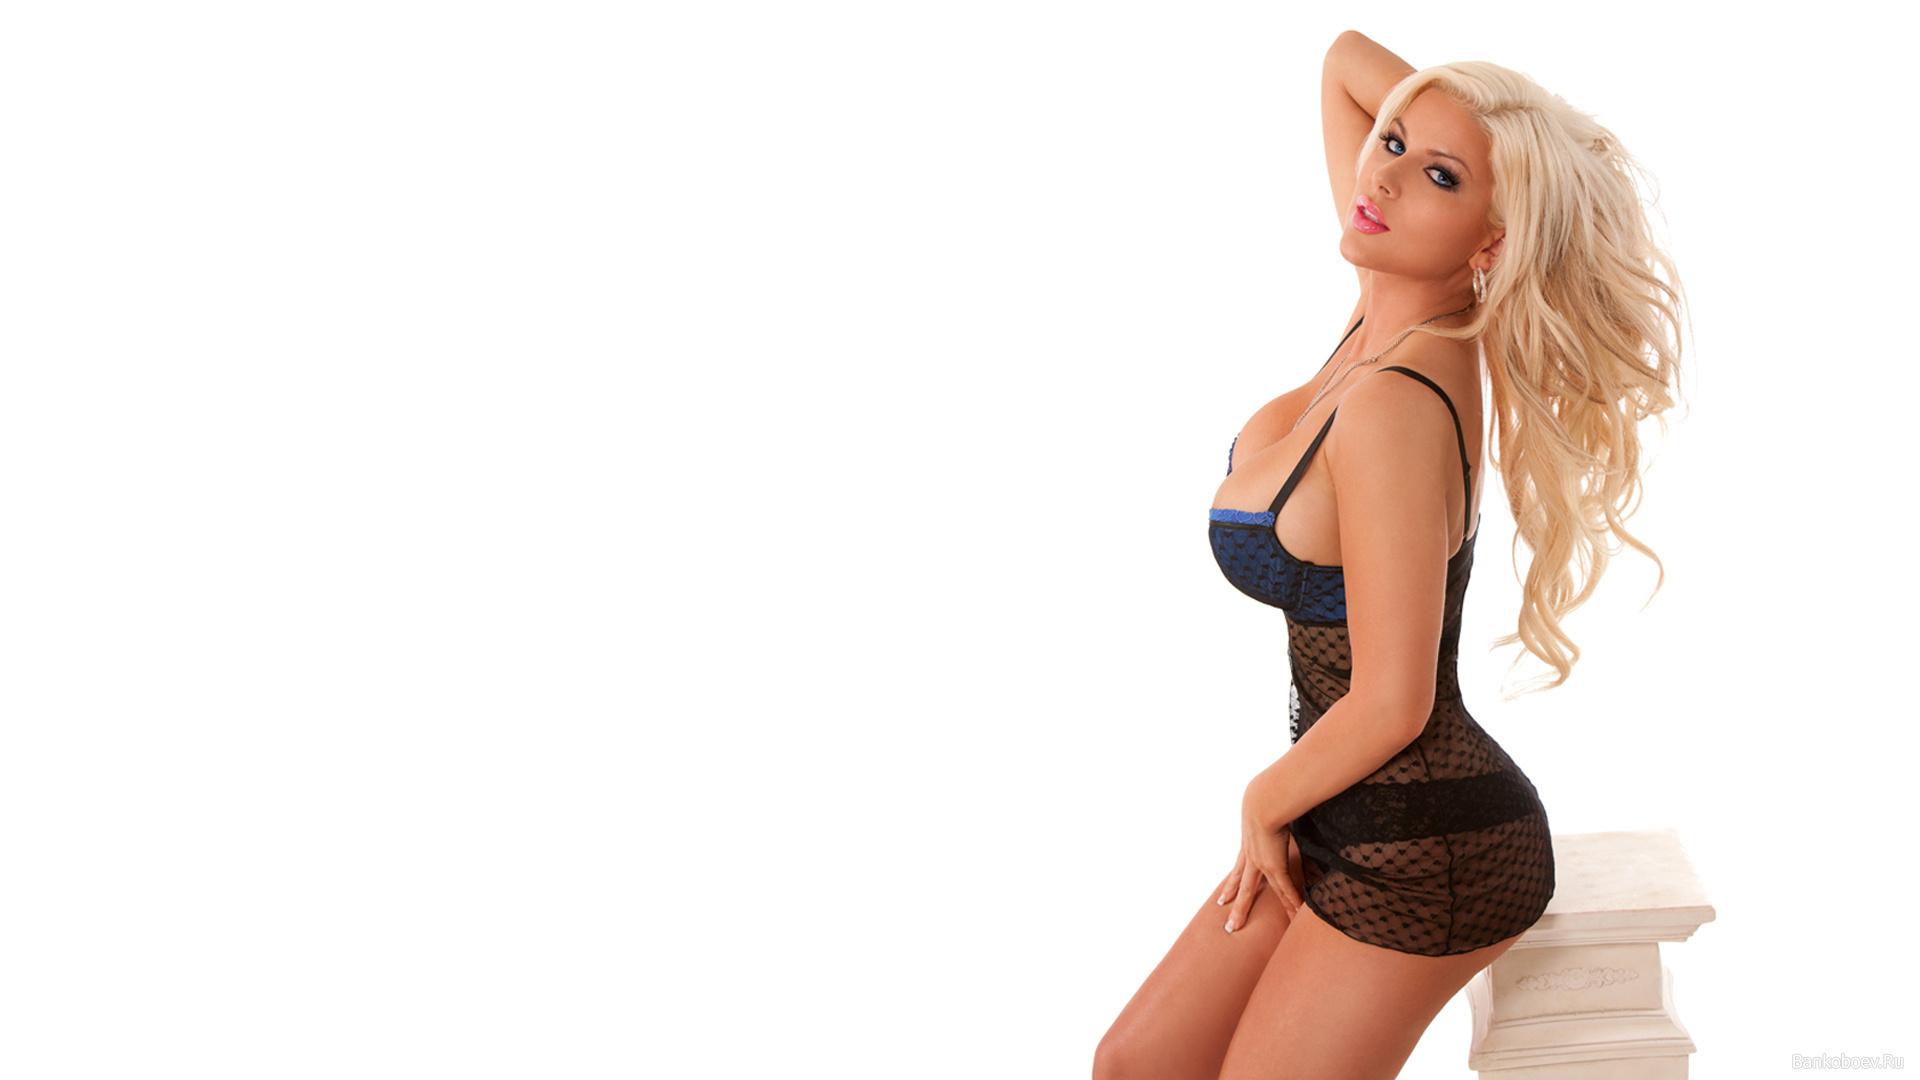 Фото блондинки с шикарной фигурой 20 фотография